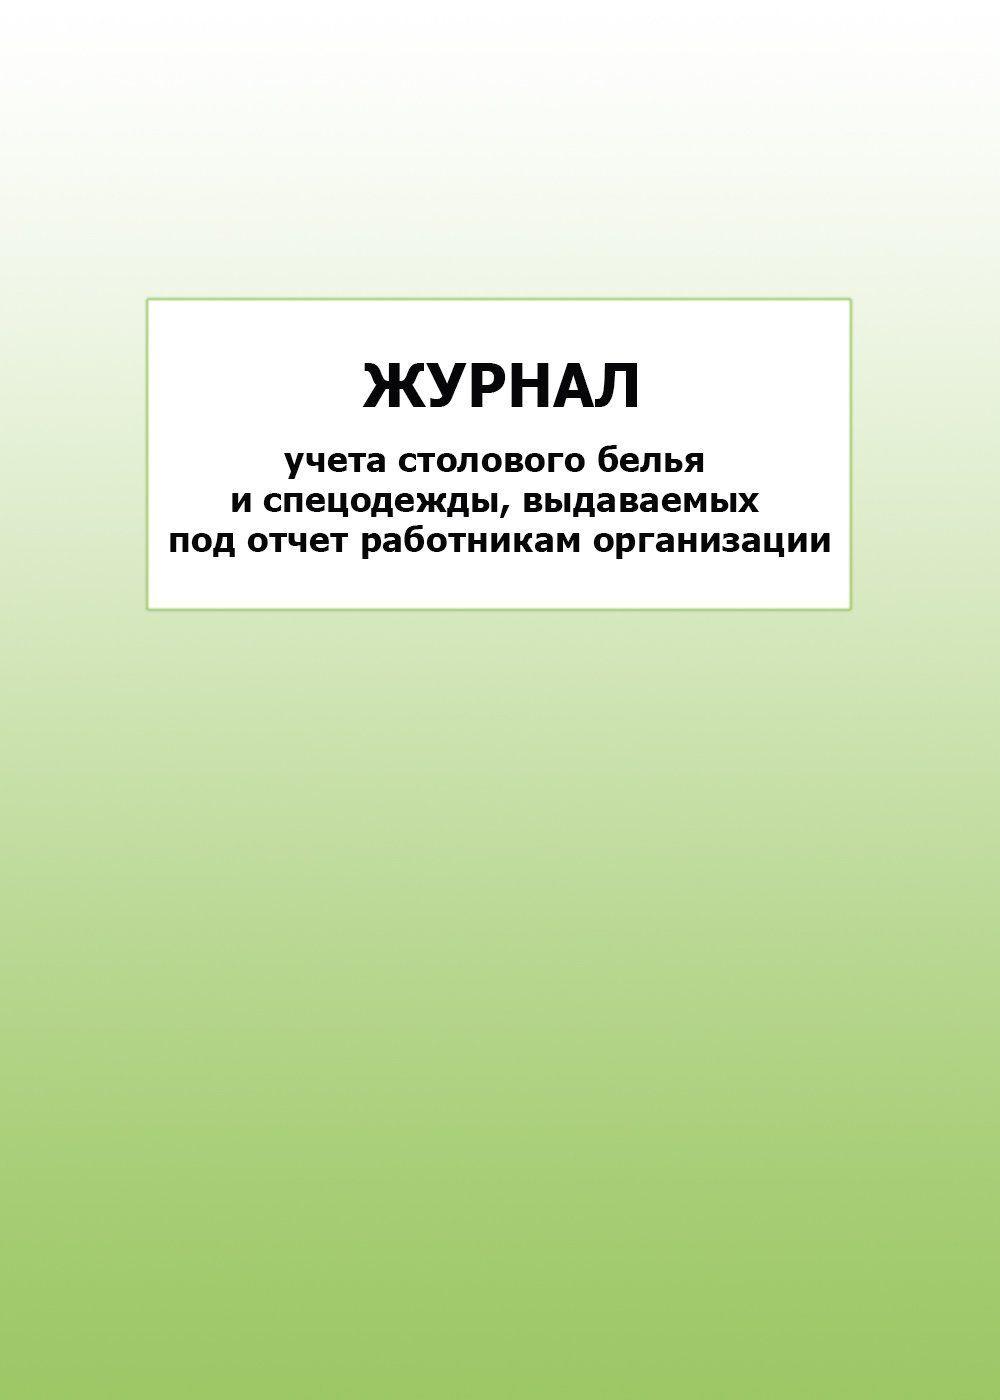 Журнал учета столового белья и спецодежды, выдаваемых под отчет работникам организации: упаковка 100 шт.